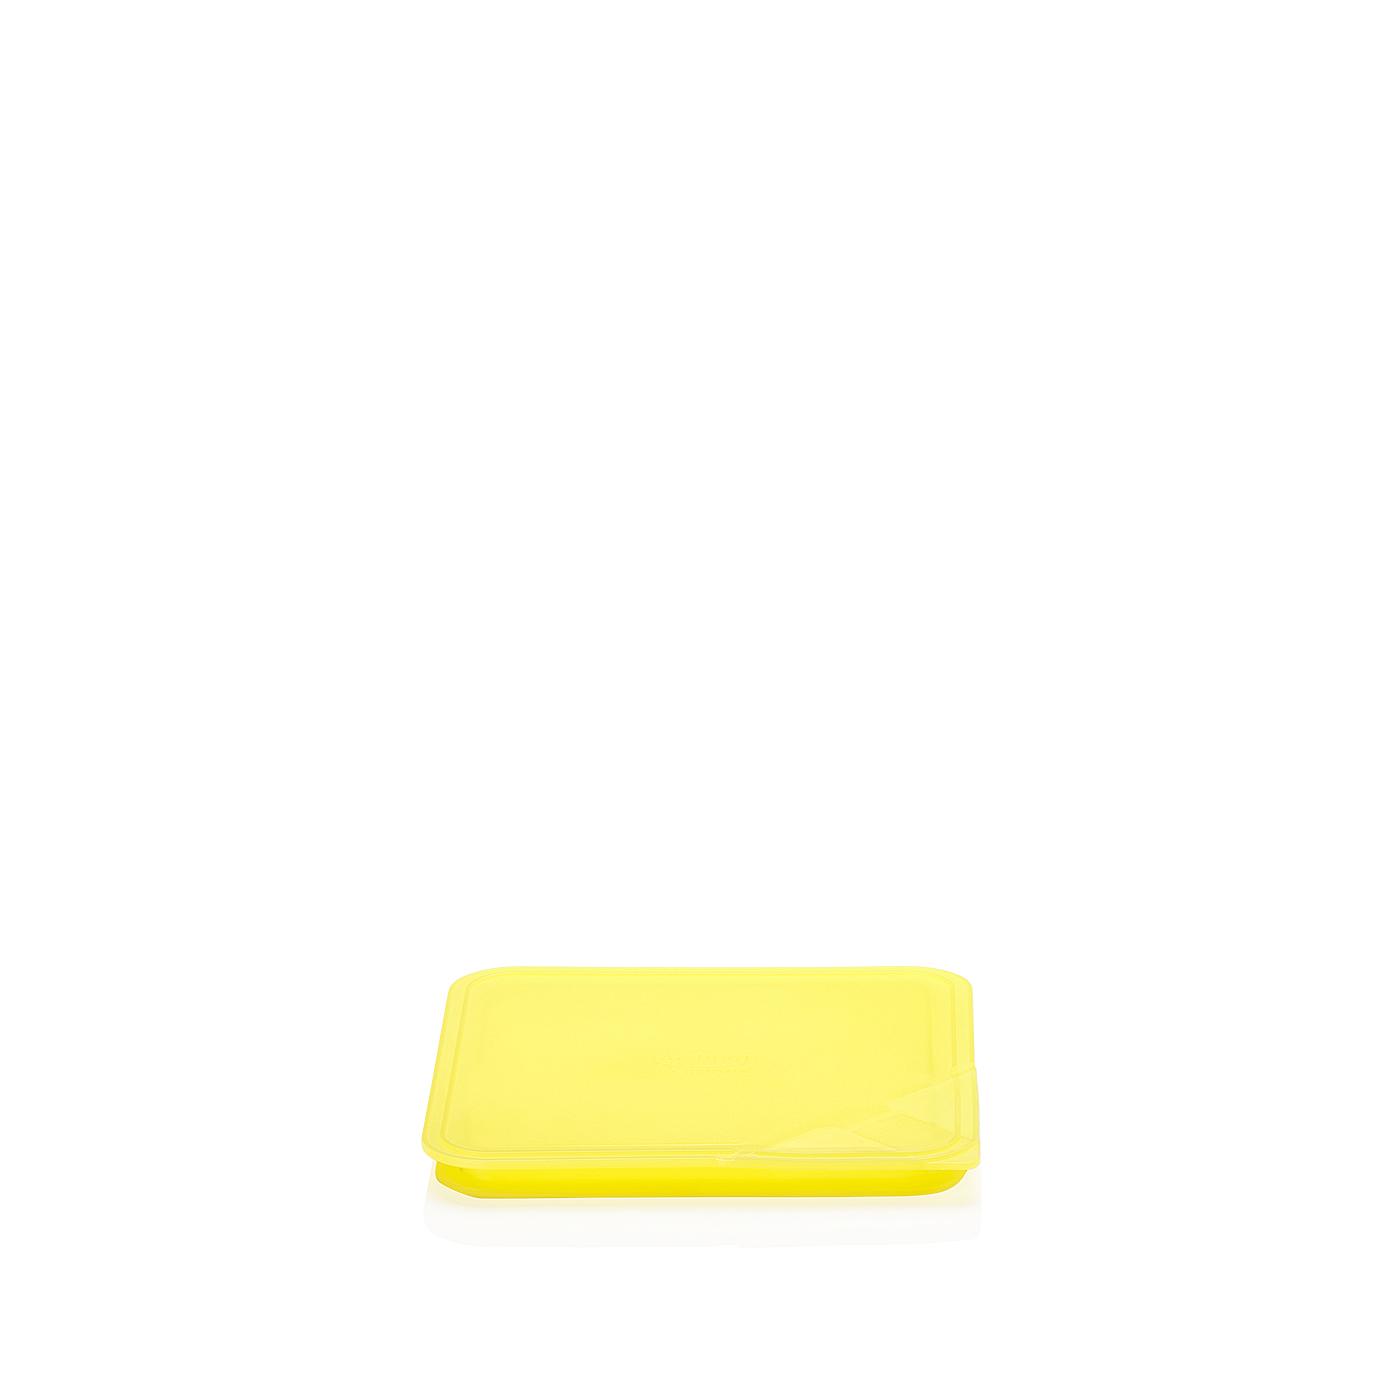 Aromadeckel quadratisch 15 cm Küchenfreunde Kunststoff gelb Arzberg